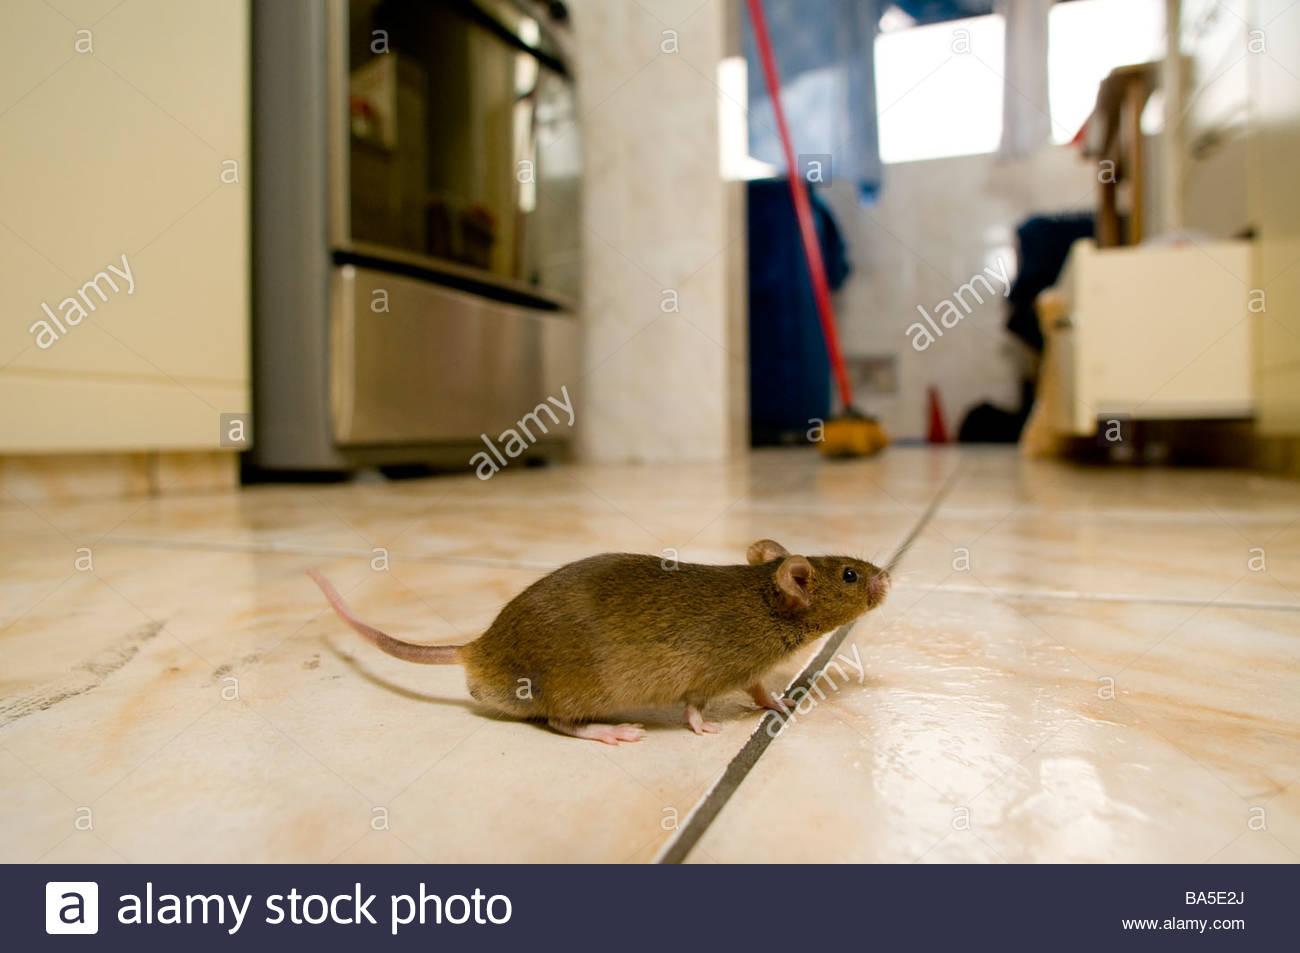 Ratón en la cocina Imagen De Stock